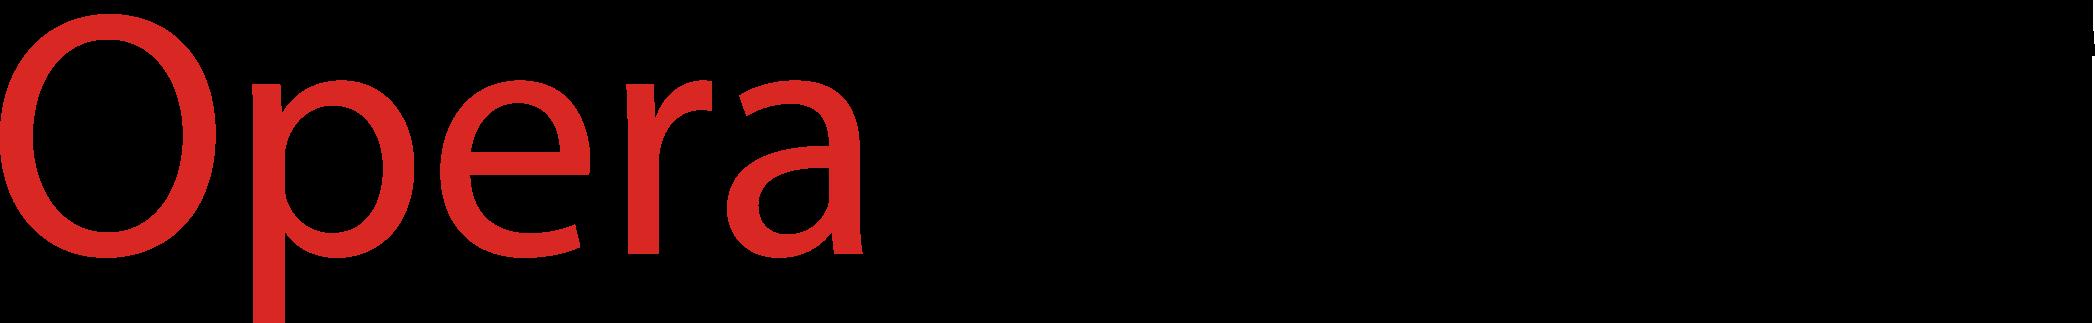 Opera Logo PNG - 36701